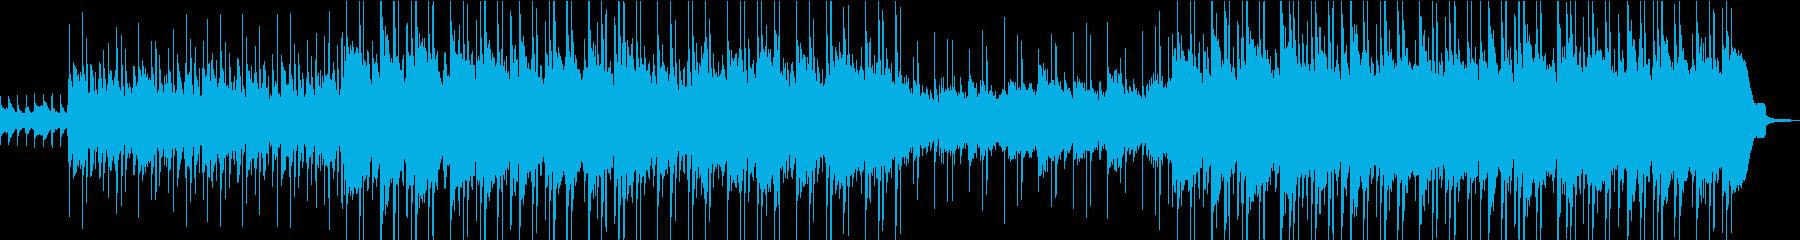 ティーン ポップ ロック レゲエ ...の再生済みの波形